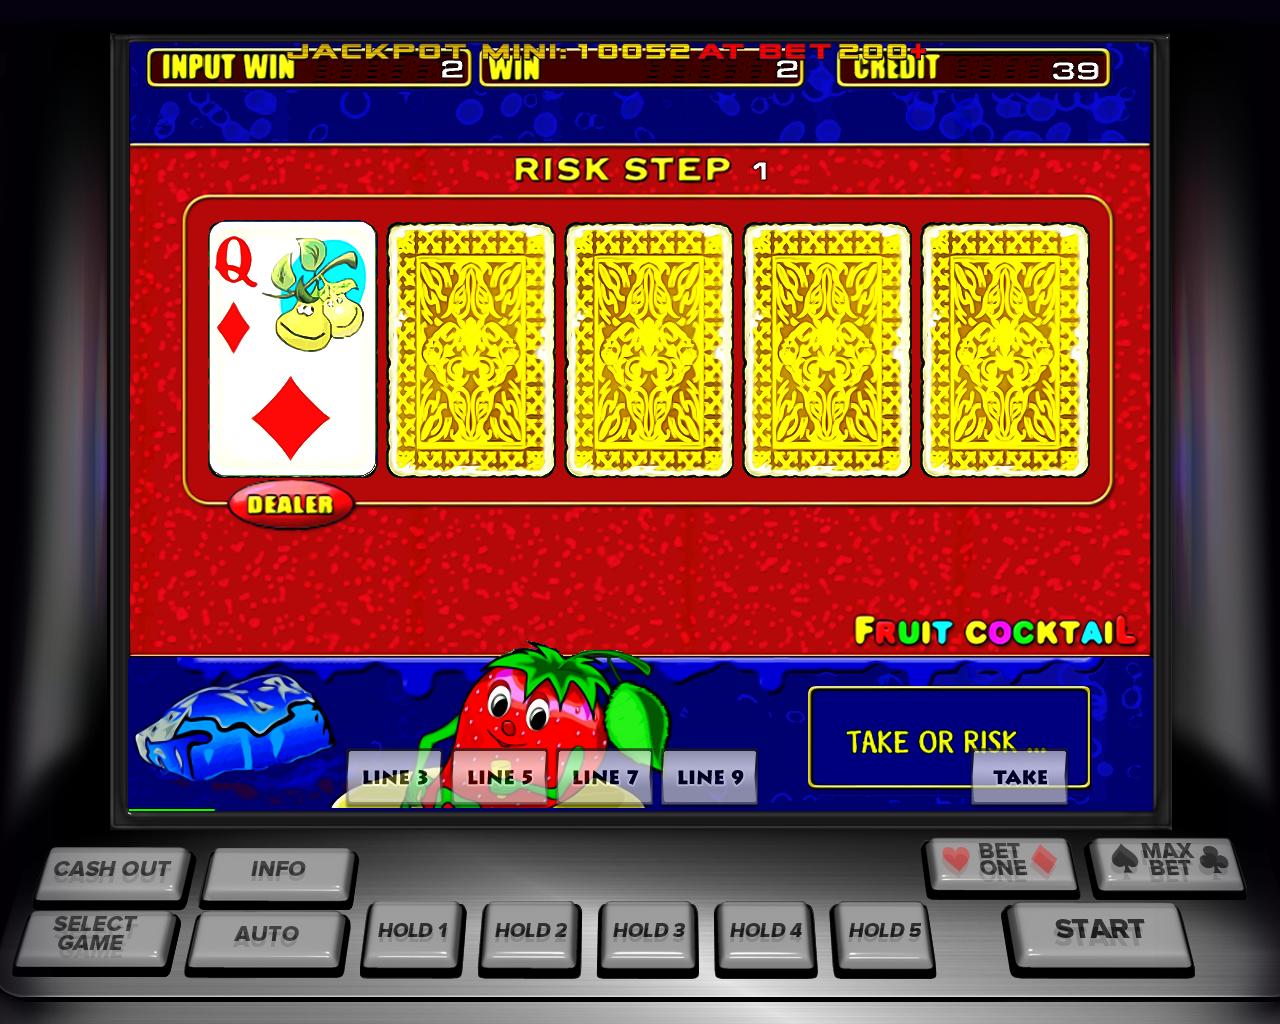 Игровые автоматы рулетка цена купить игровые автоматы sharky играть бесплатно